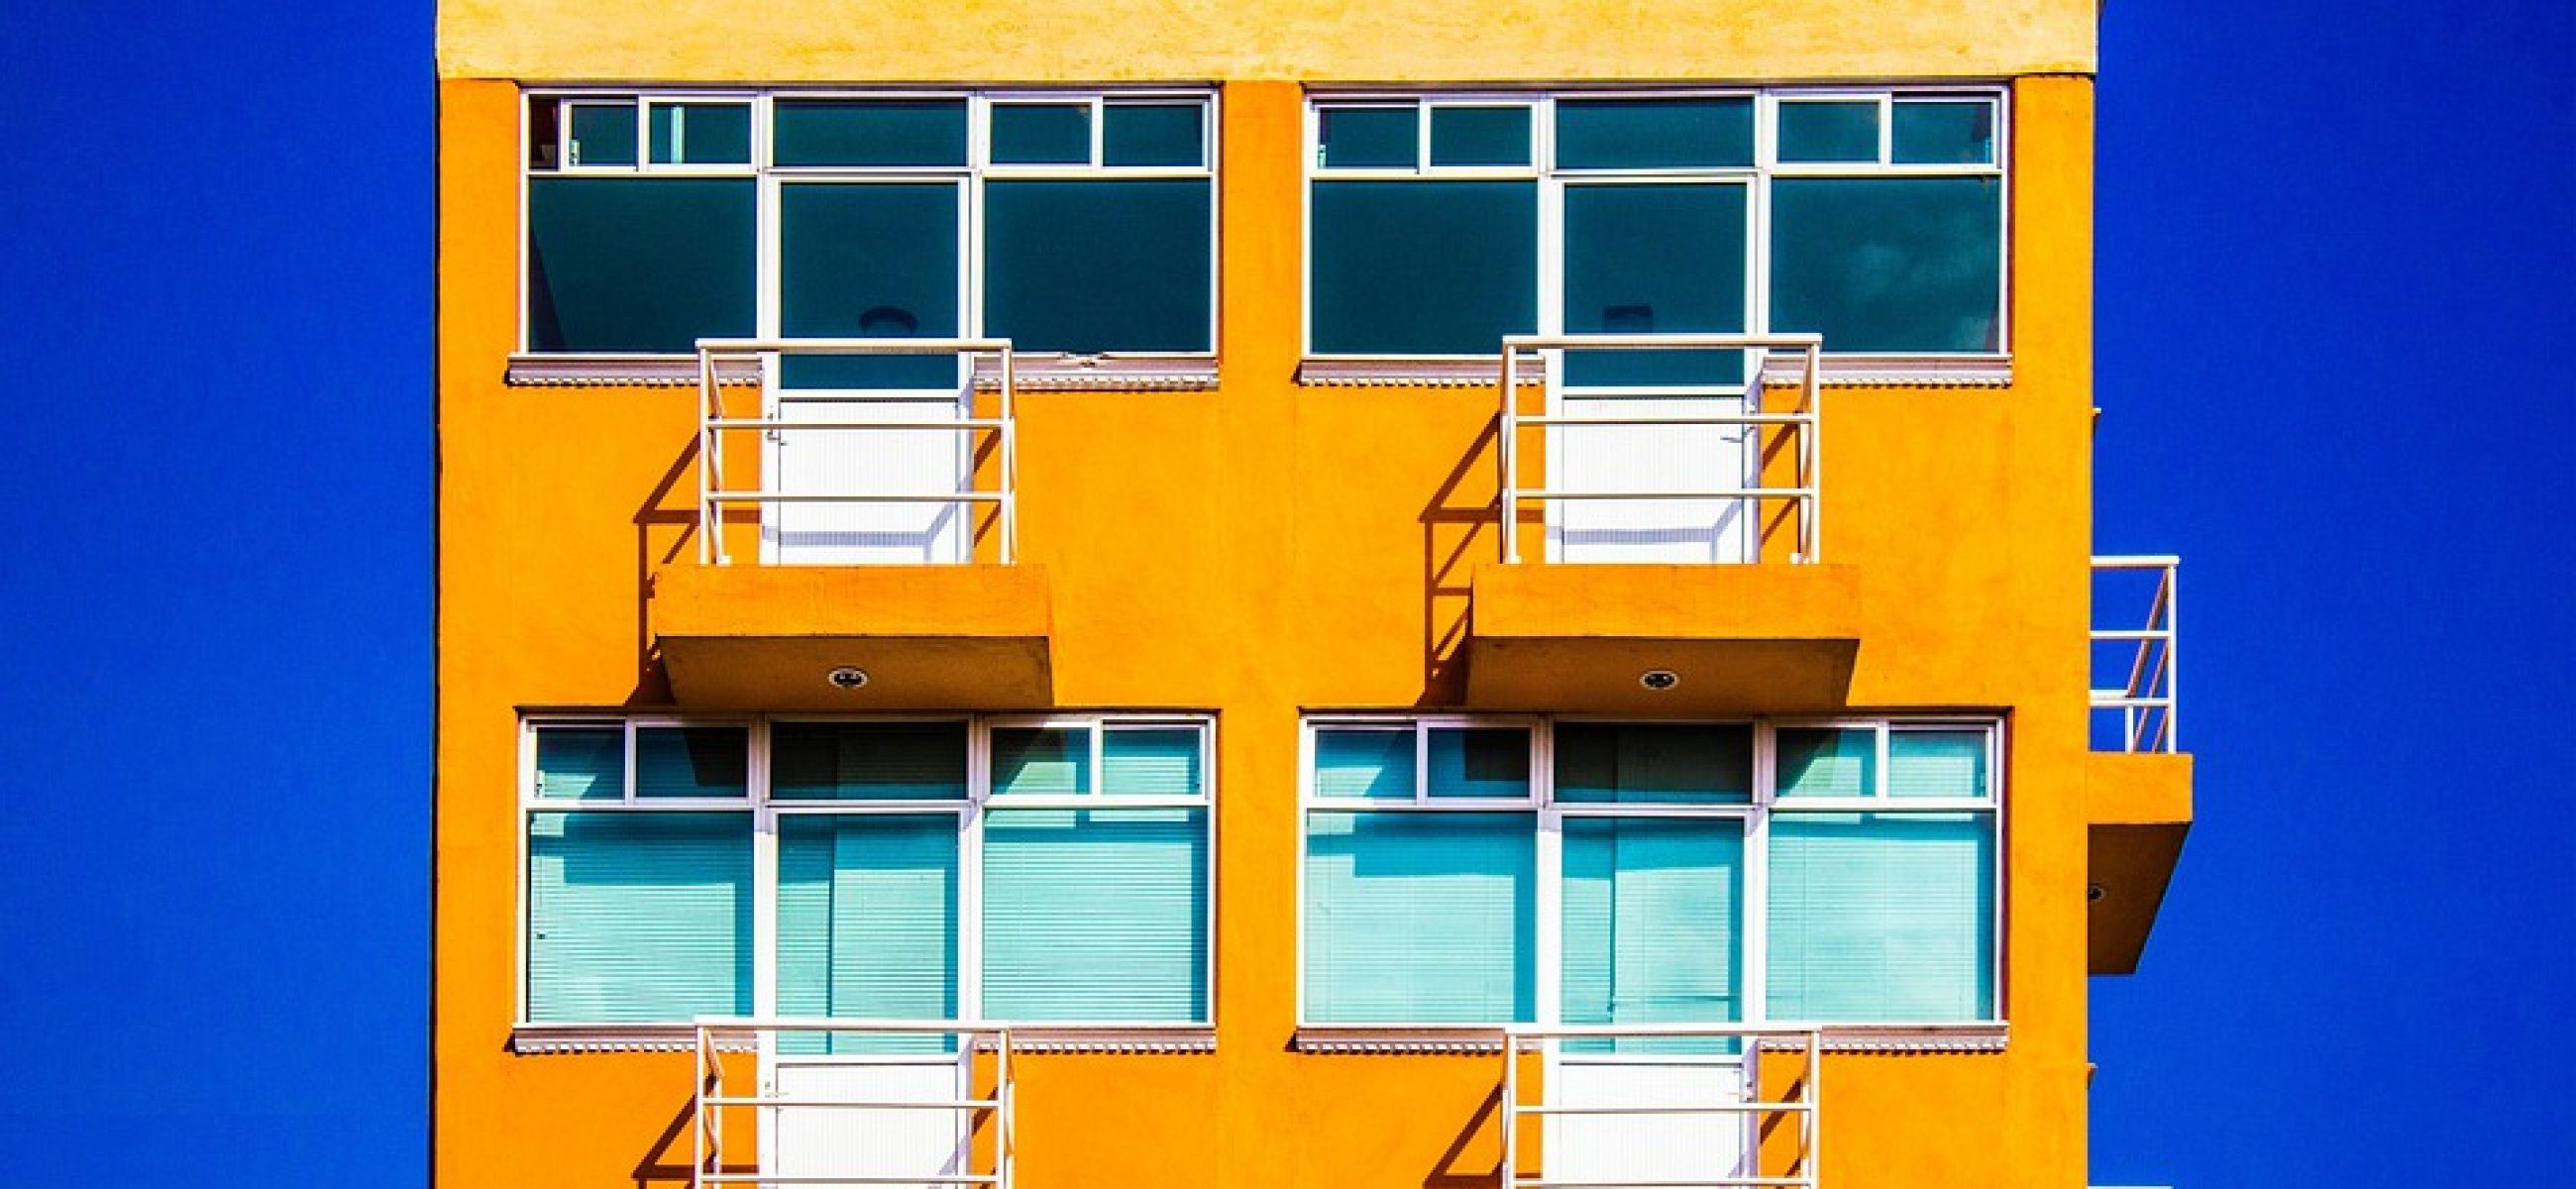 (וידאו פוסט) תושב חוץ – מתי תהיה זכאי לפטור ממס שבח במכירת דירה בישראל?